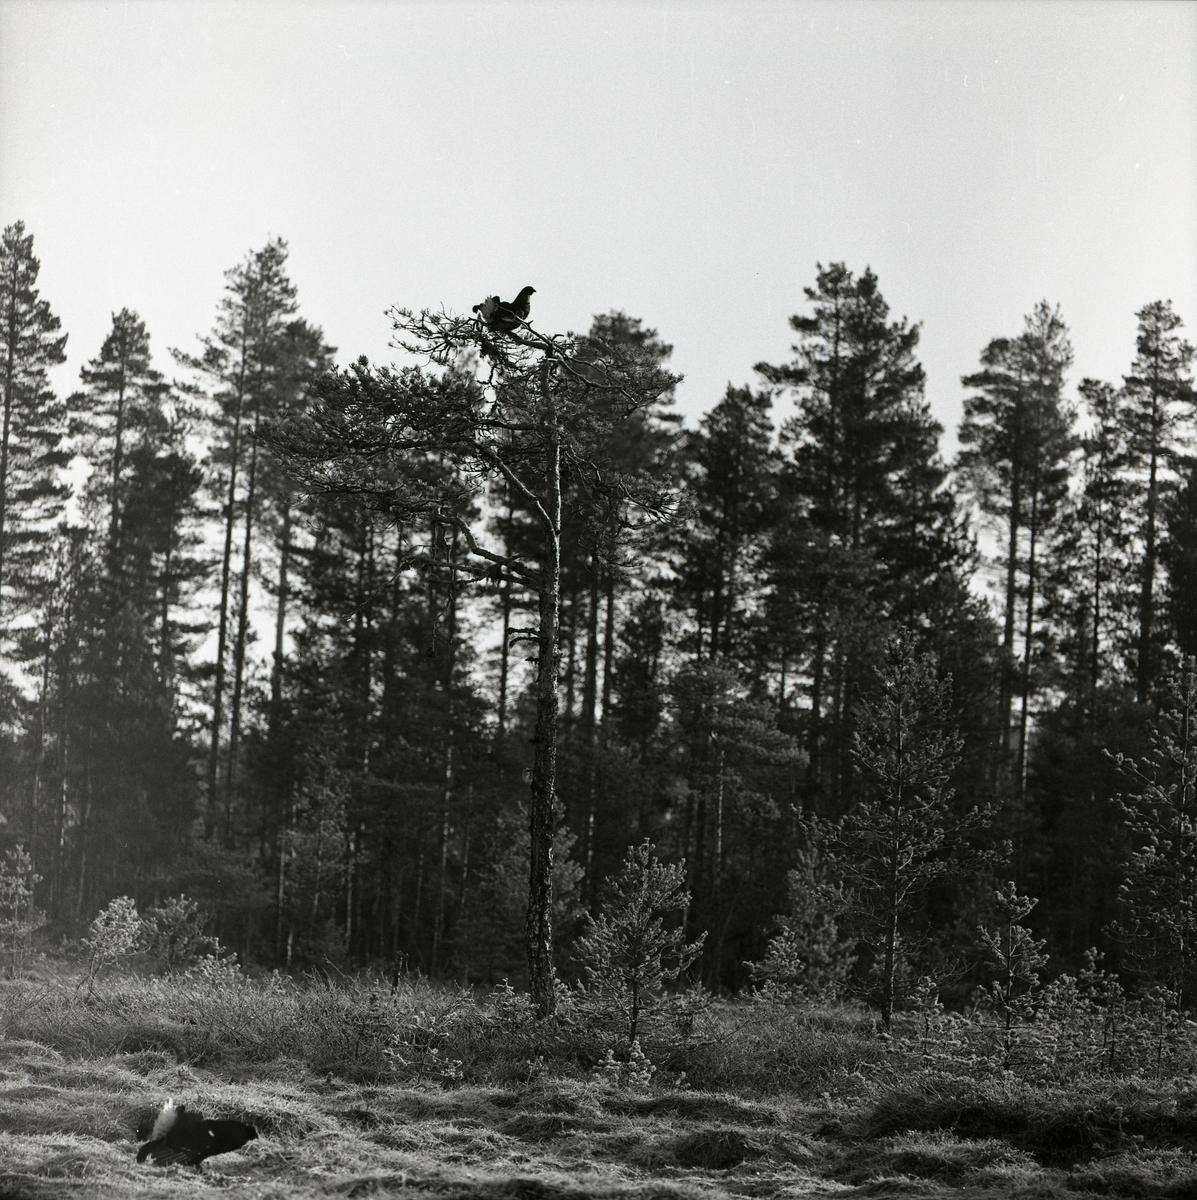 Det är en solig dag i april 1960 och en tjädertupp springer längs gräset i förgrunden. Bakom den sitter ytterligare en tjädertupp i toppen av ett träd. Marken runt tjädrarna är öppen med endast små tallar och gräs som växtlighet. Bakom den öppna ytan växer en gles tallskog.